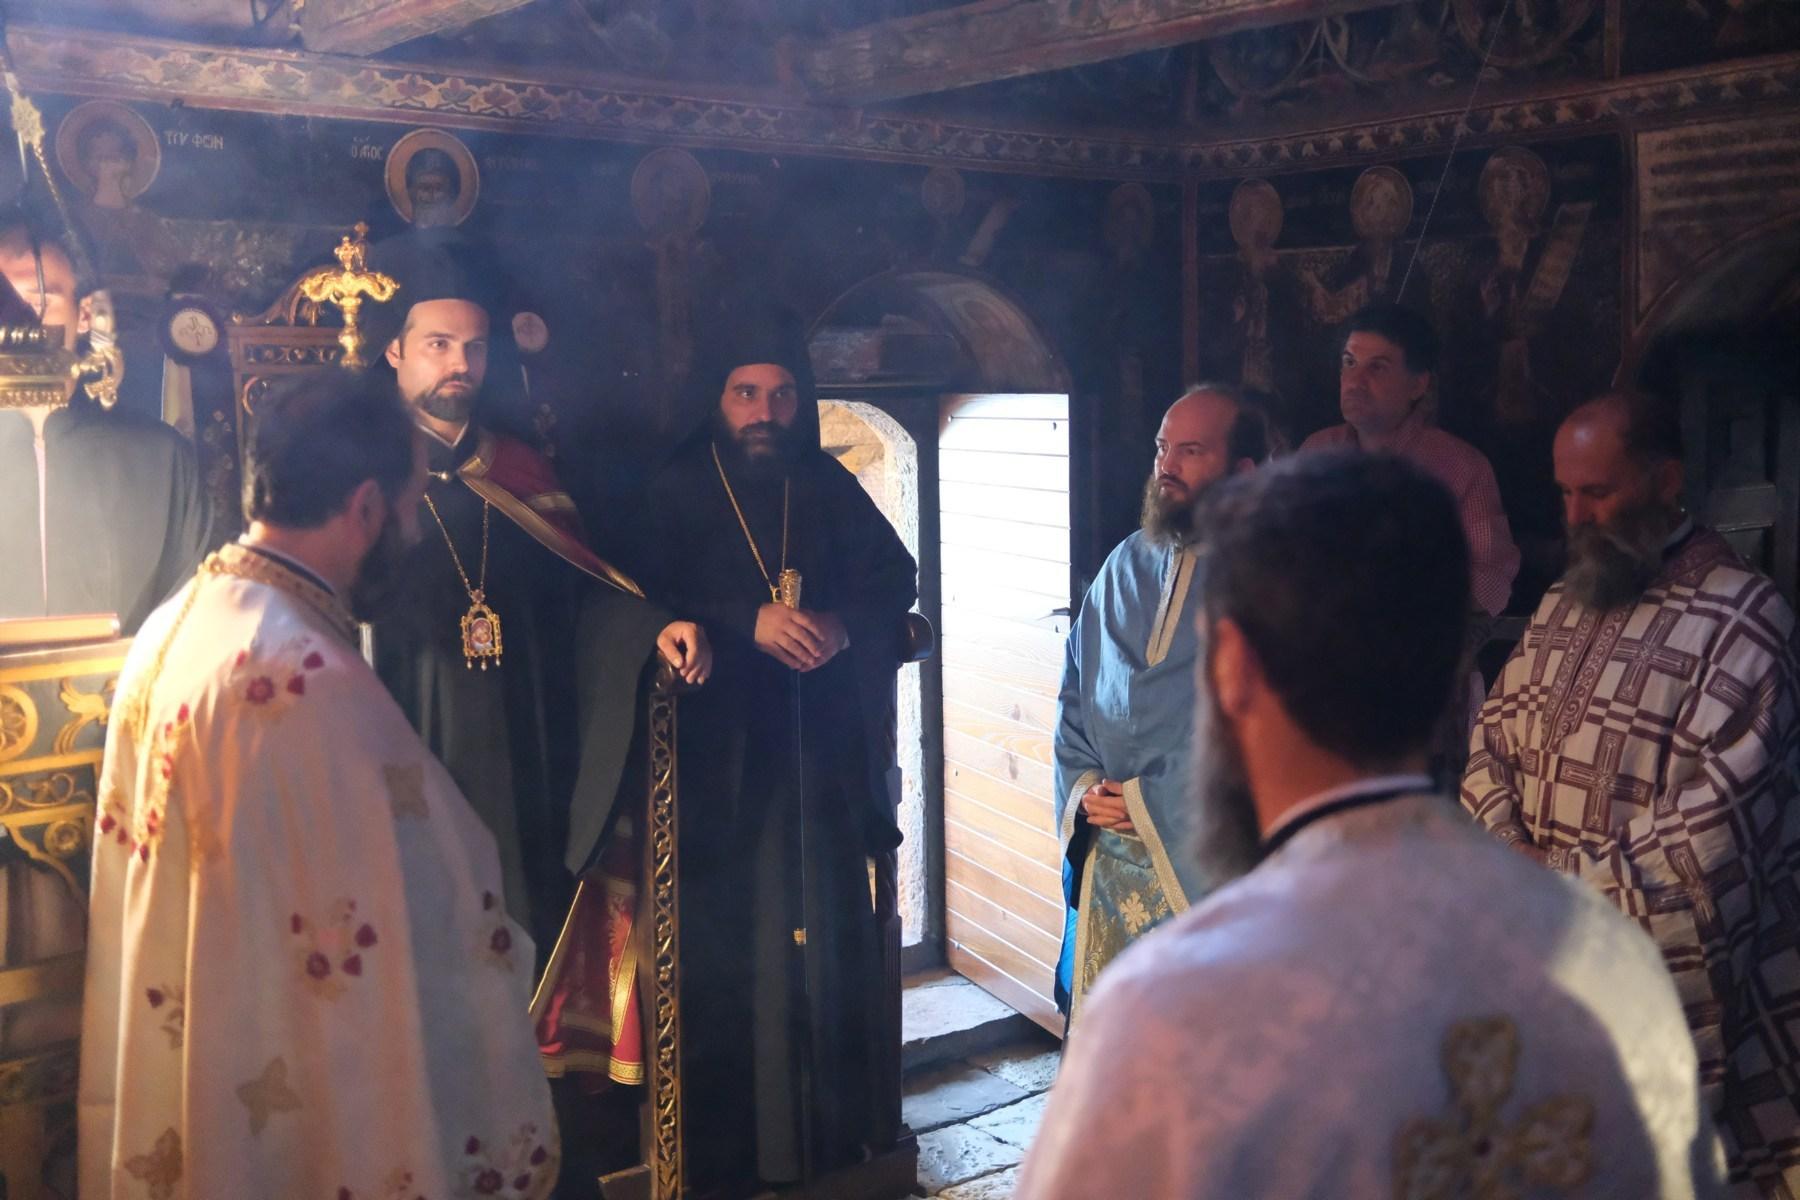 DSCF7638  - Ο Επίσκοπος Μελιτηνής στην Ι. Μονή Παναγίας Πελεκητής